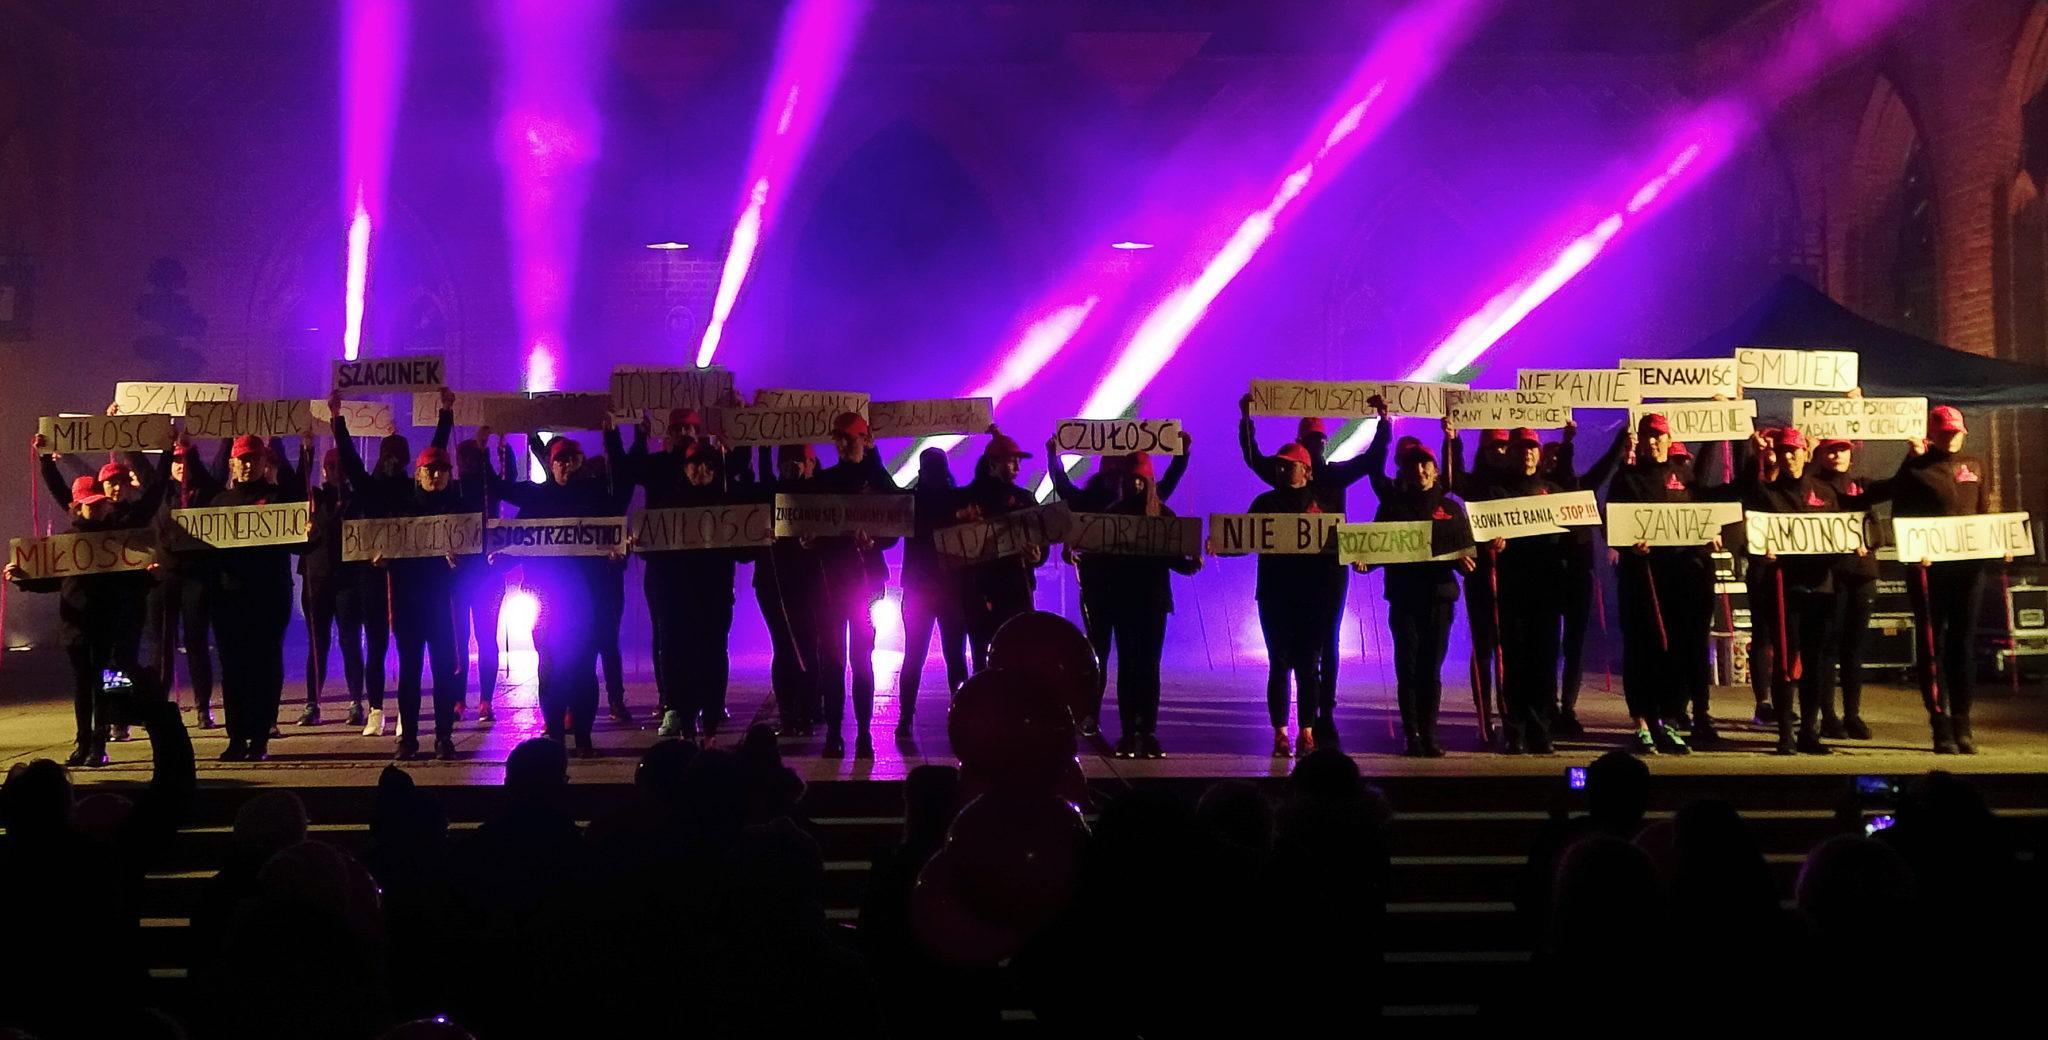 """1 1 - Finał akcji """"Nazywam się Miliard/One Billion Rising"""" (zdjęcia)"""